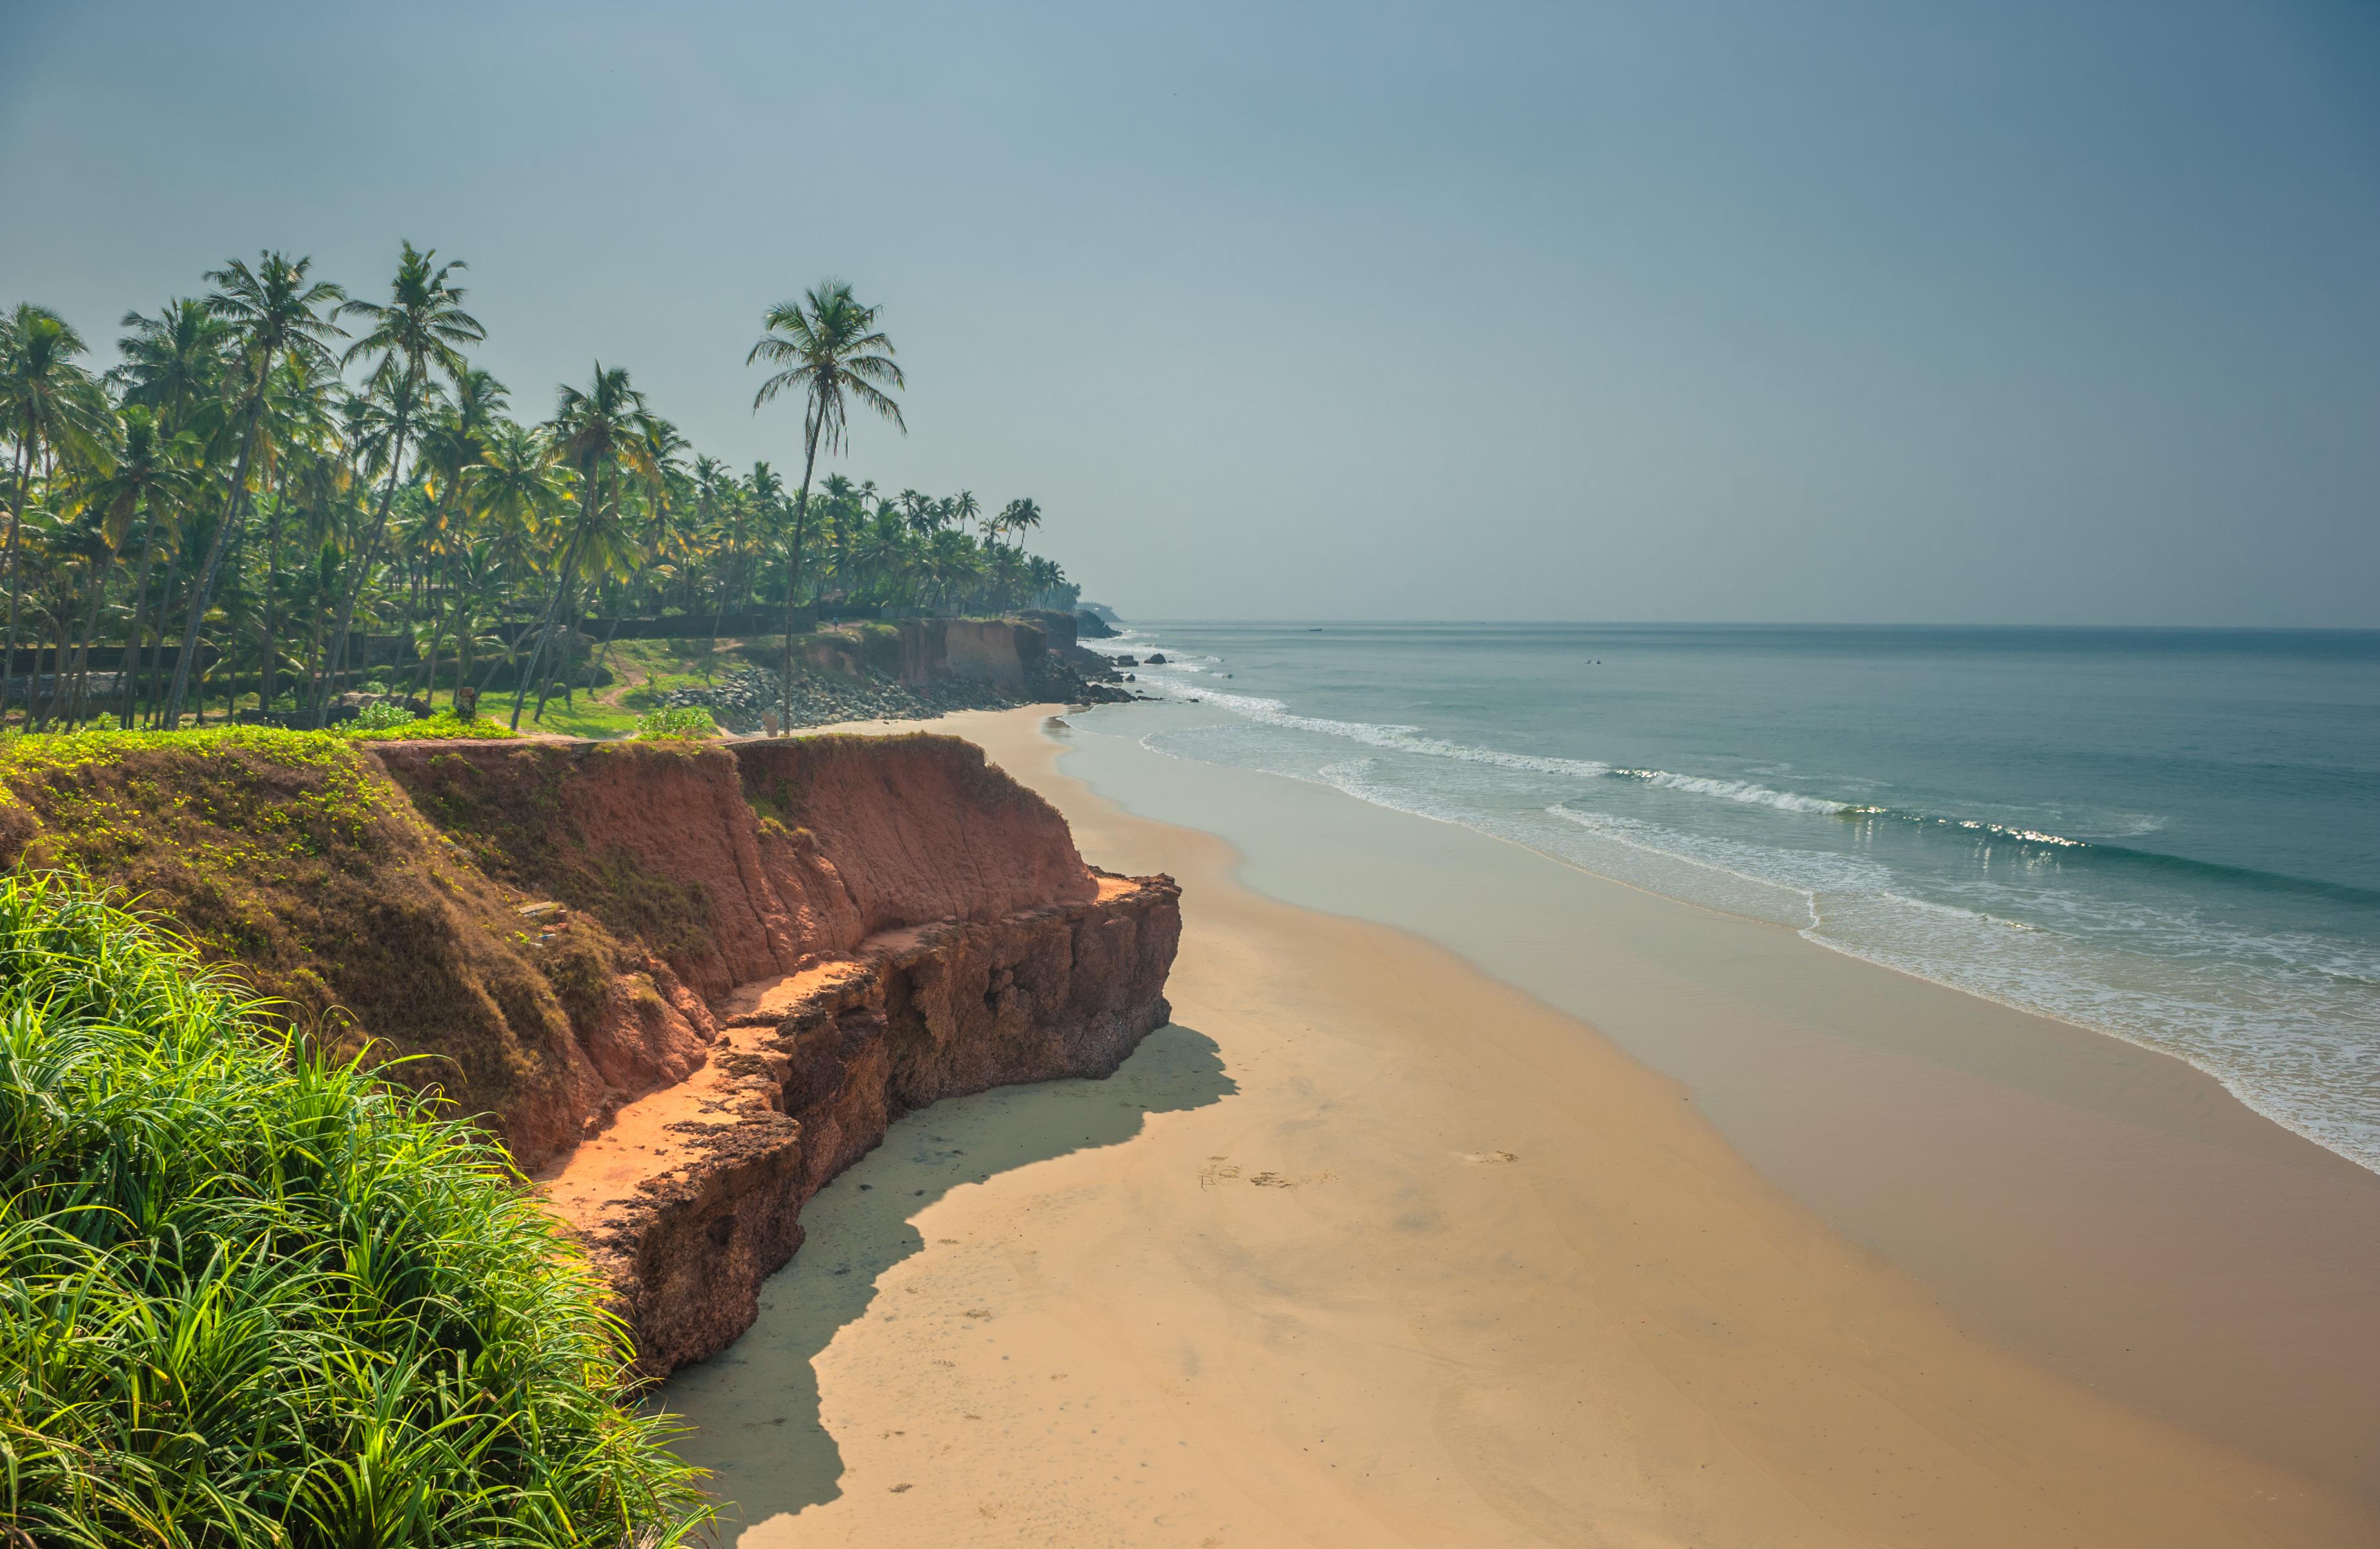 Varkala Beach, Kerala, India